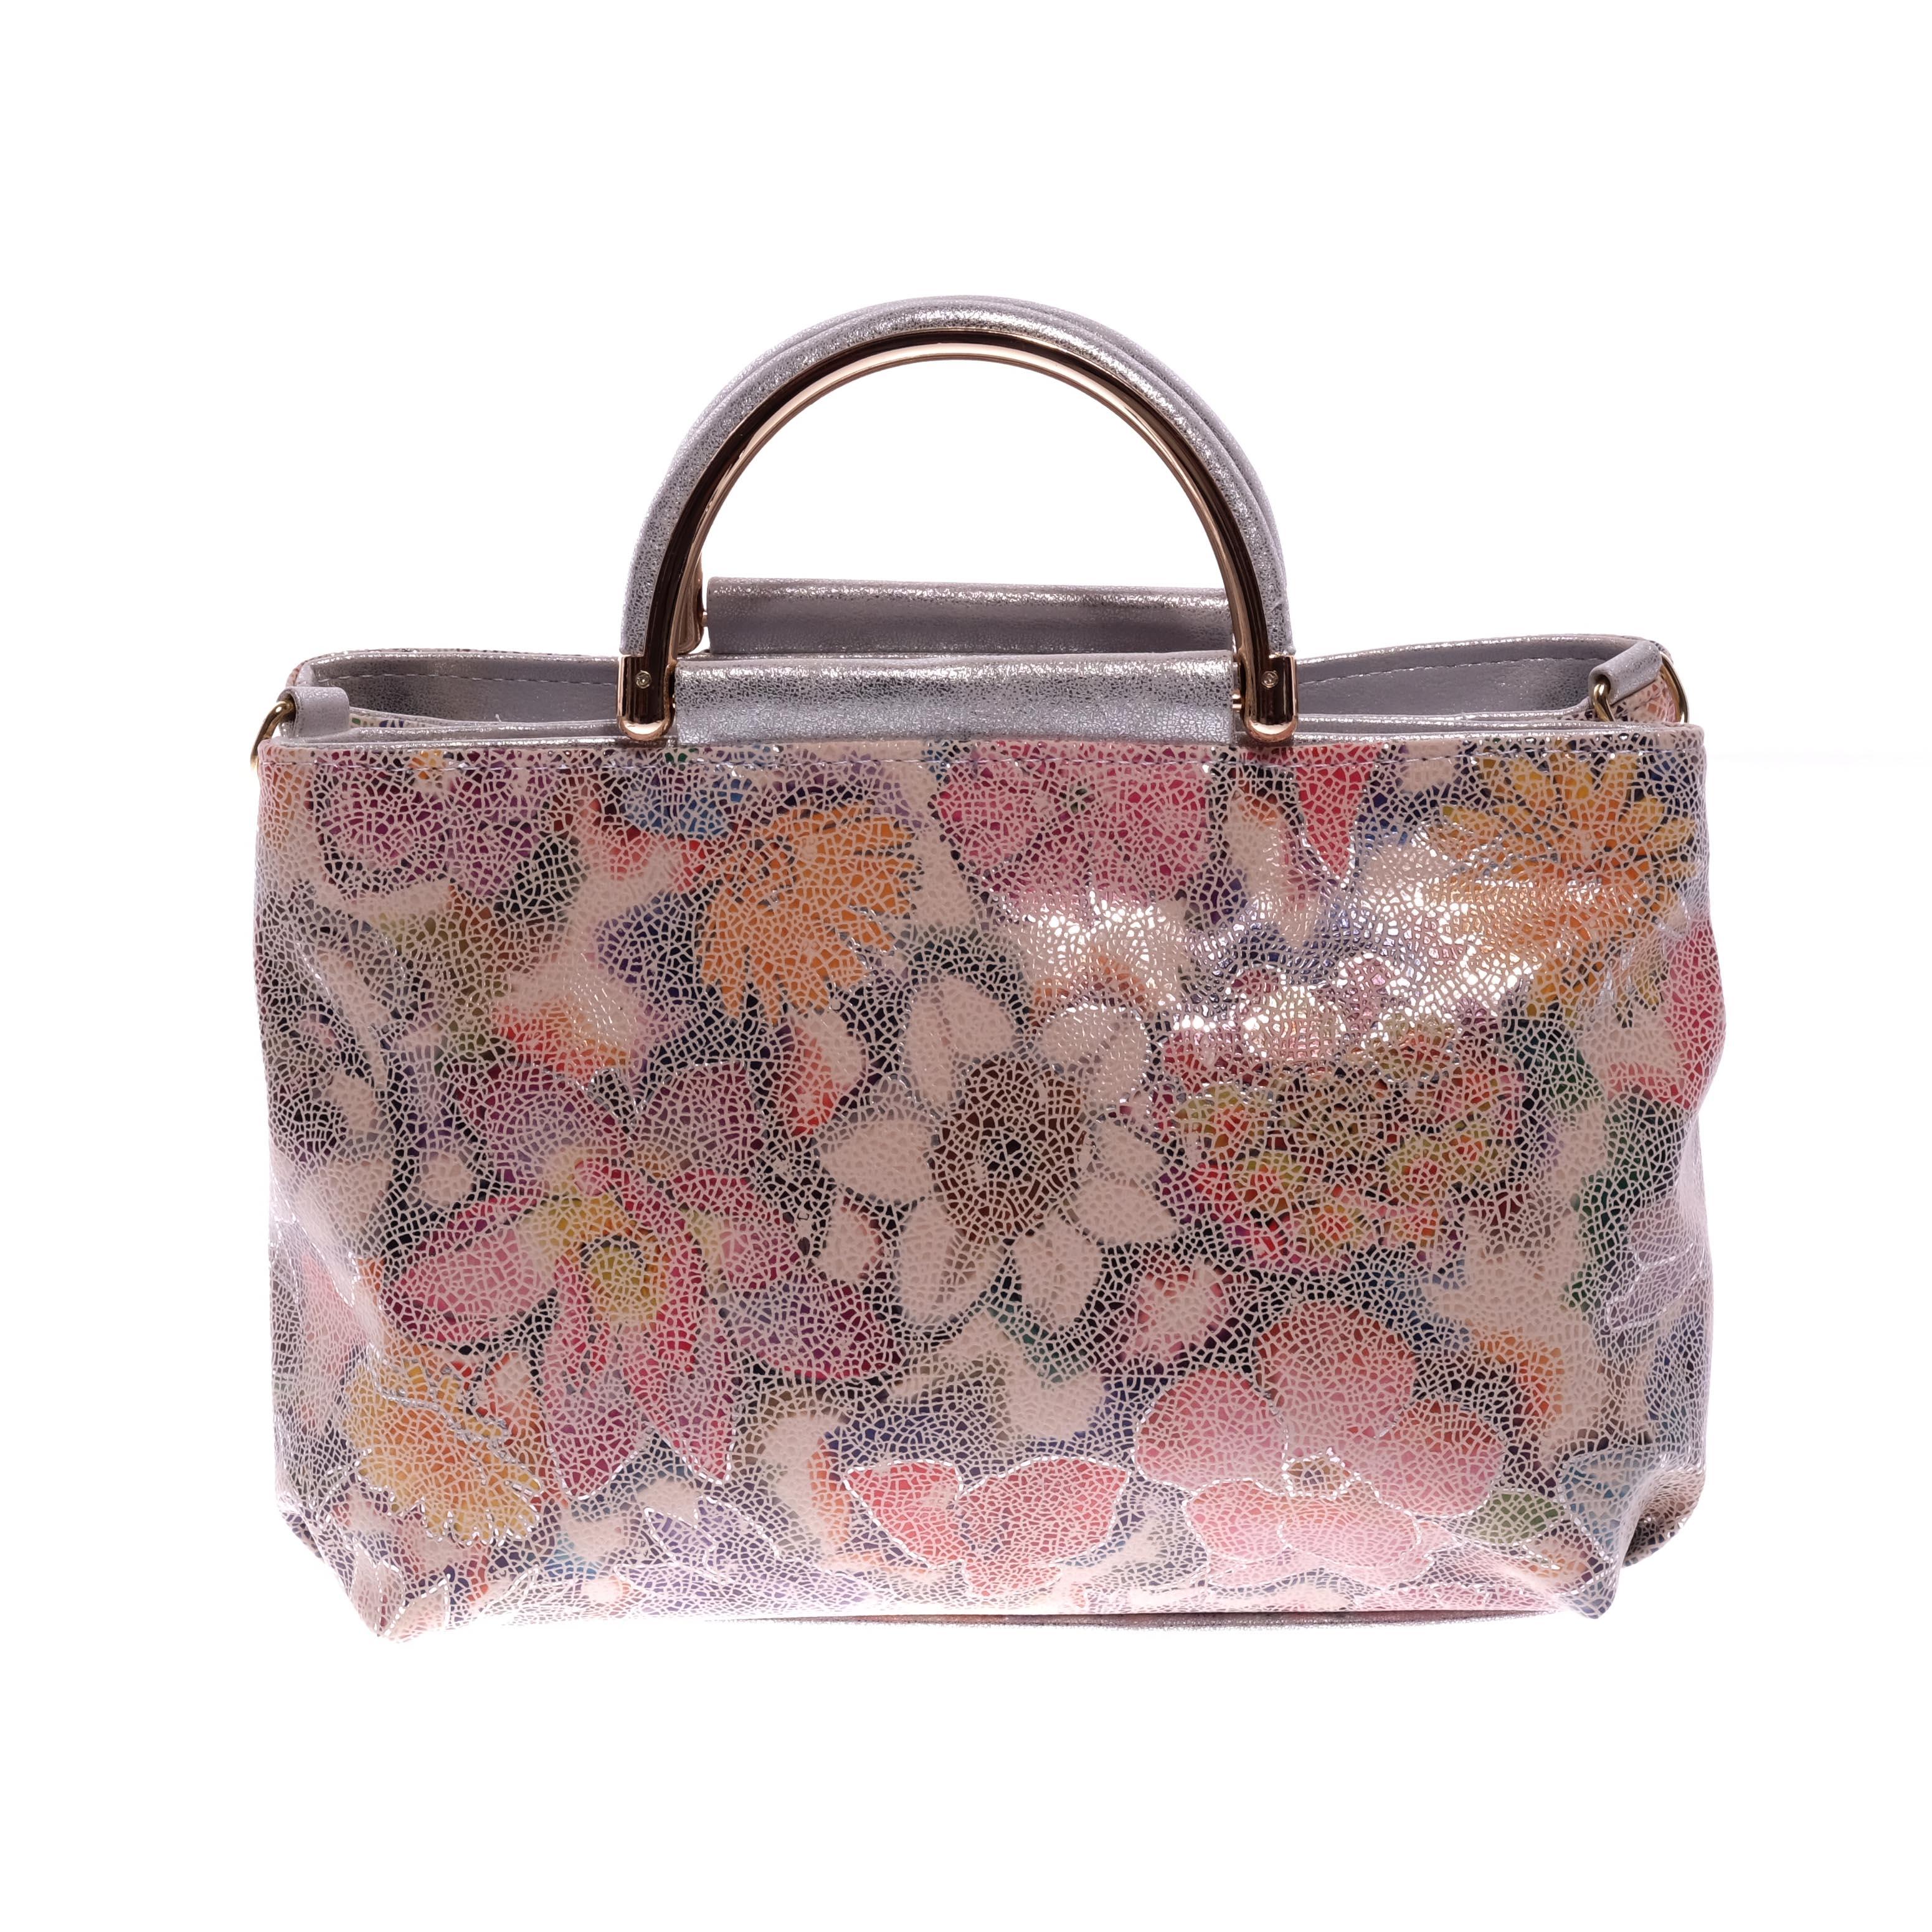 4193513a59c9 Prestige Mozaikmintás Rostbőr Női Kézitáska - Kézitáskák - Táska webáruház  - Minőségi táskák mindenkinek